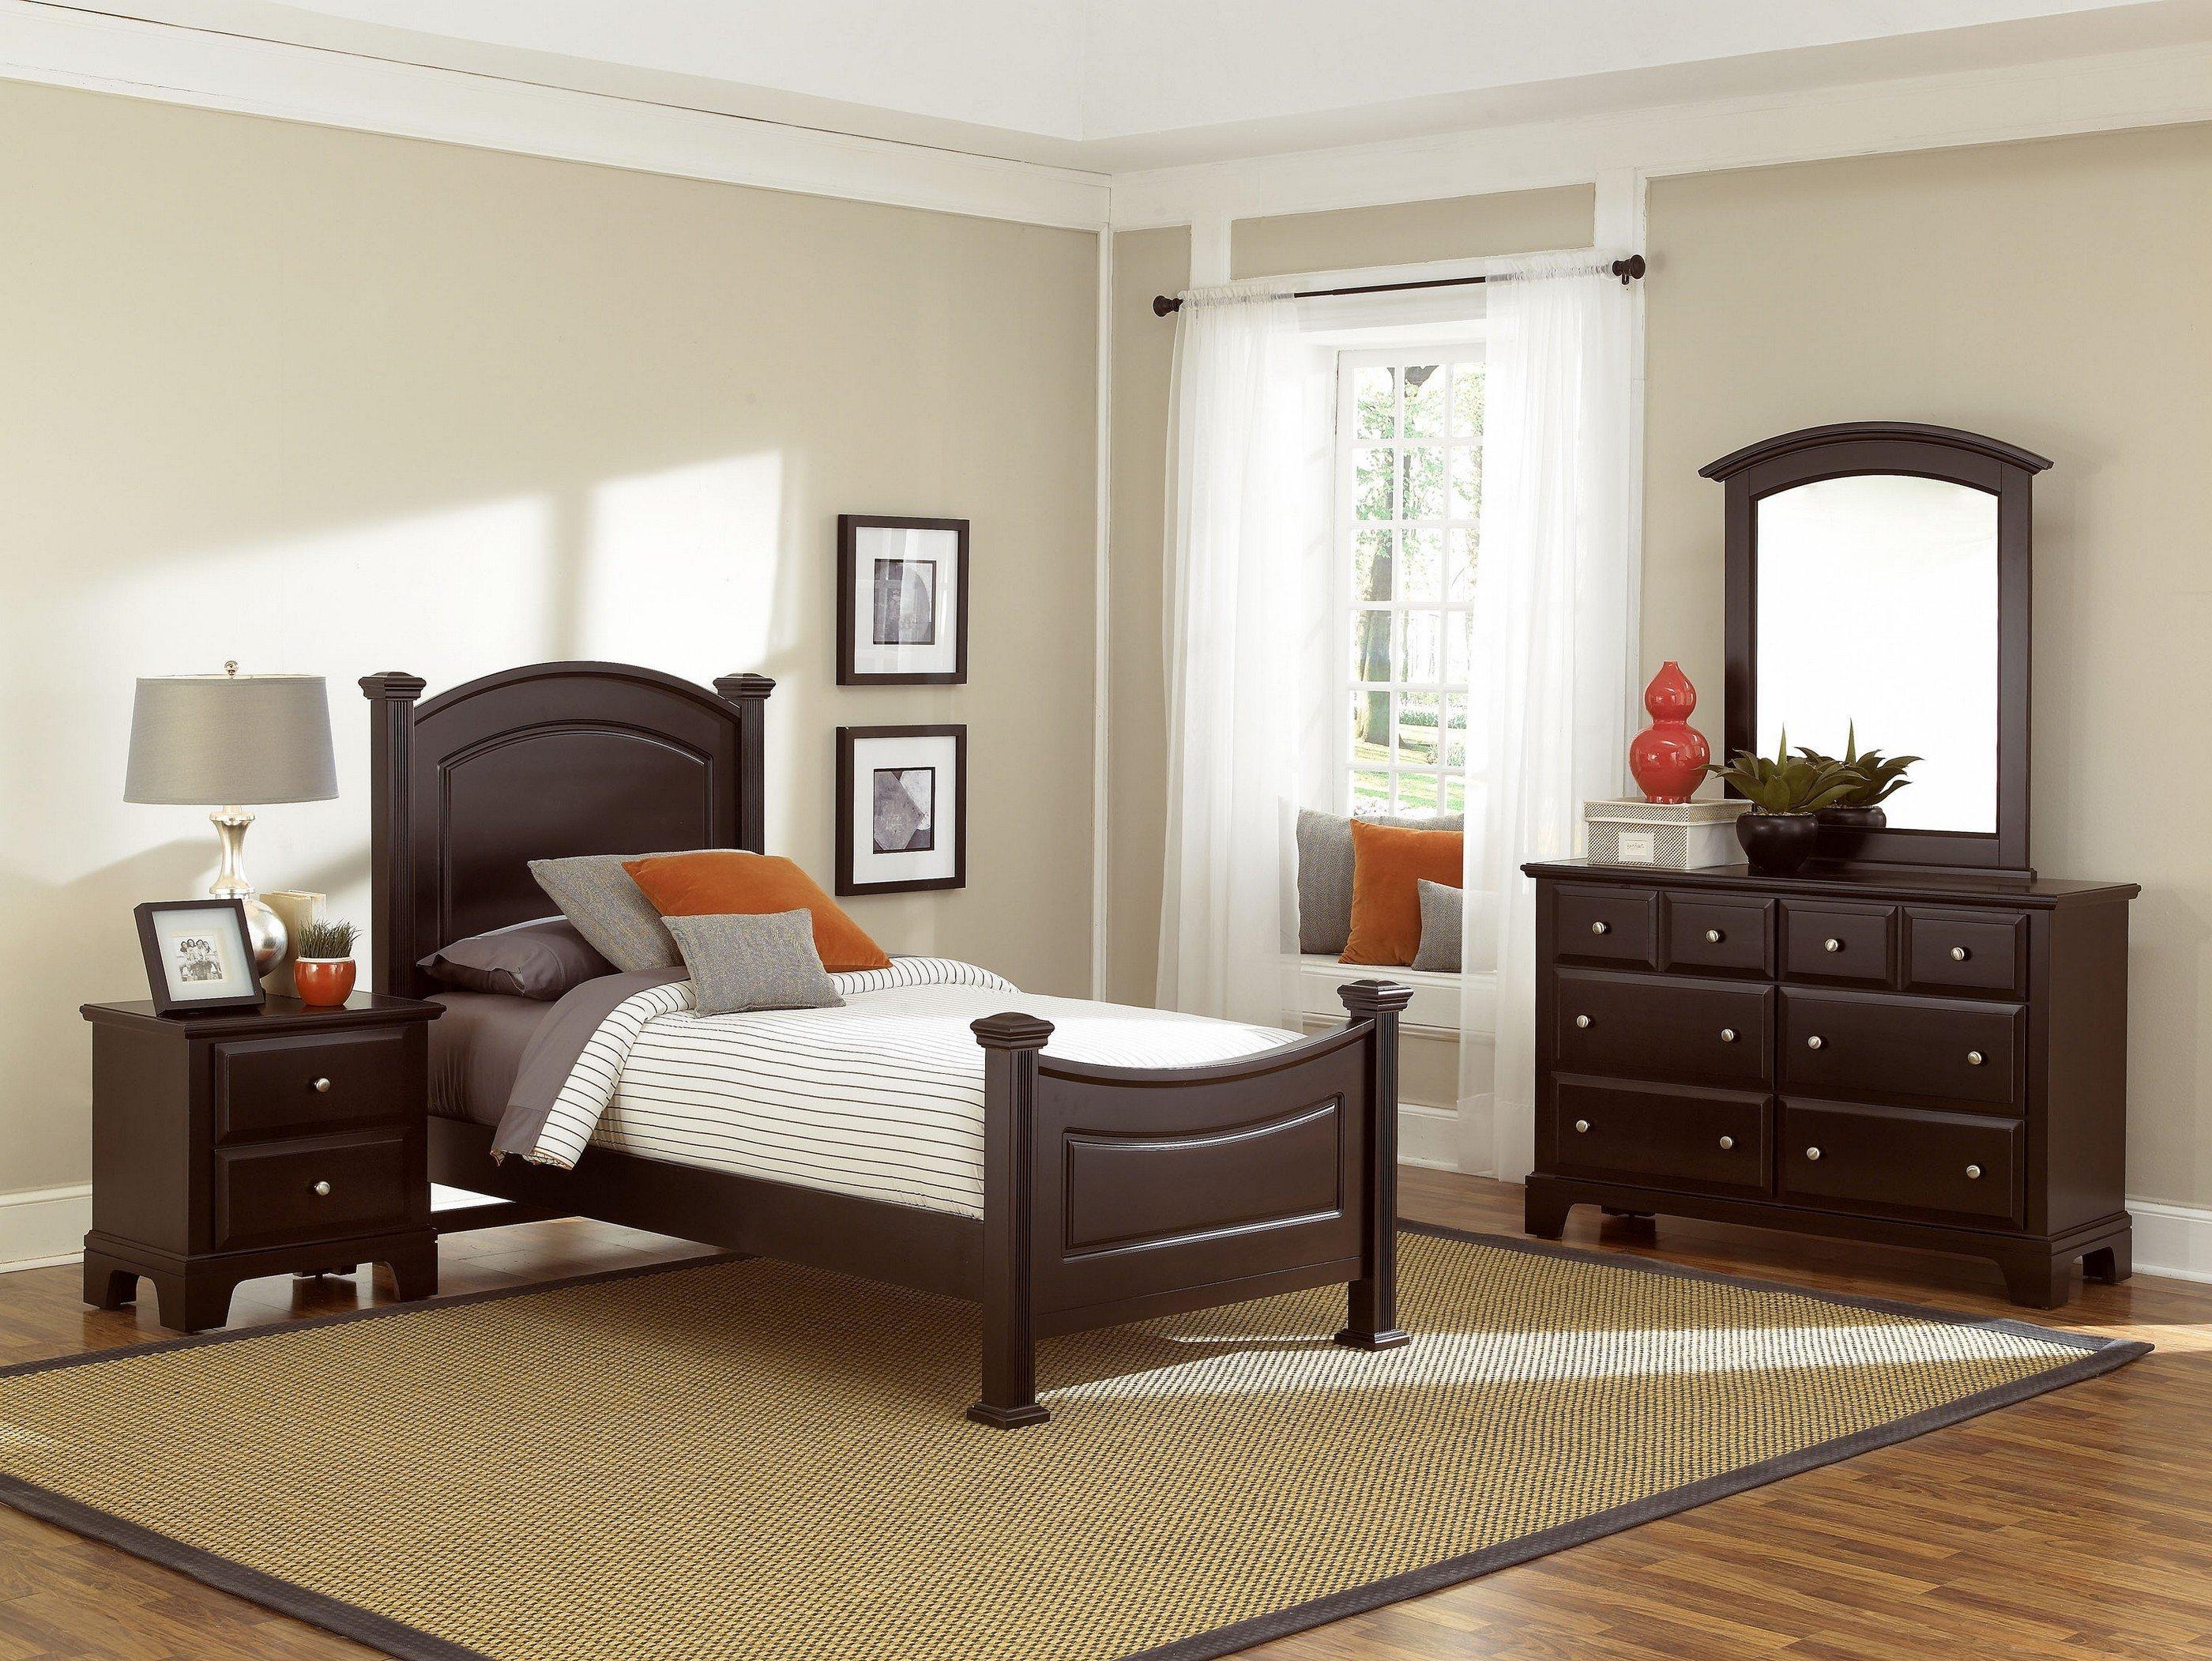 Vaughan Bassett Hamilton Twin Panel Bed Belfort Furniture Panel Beds